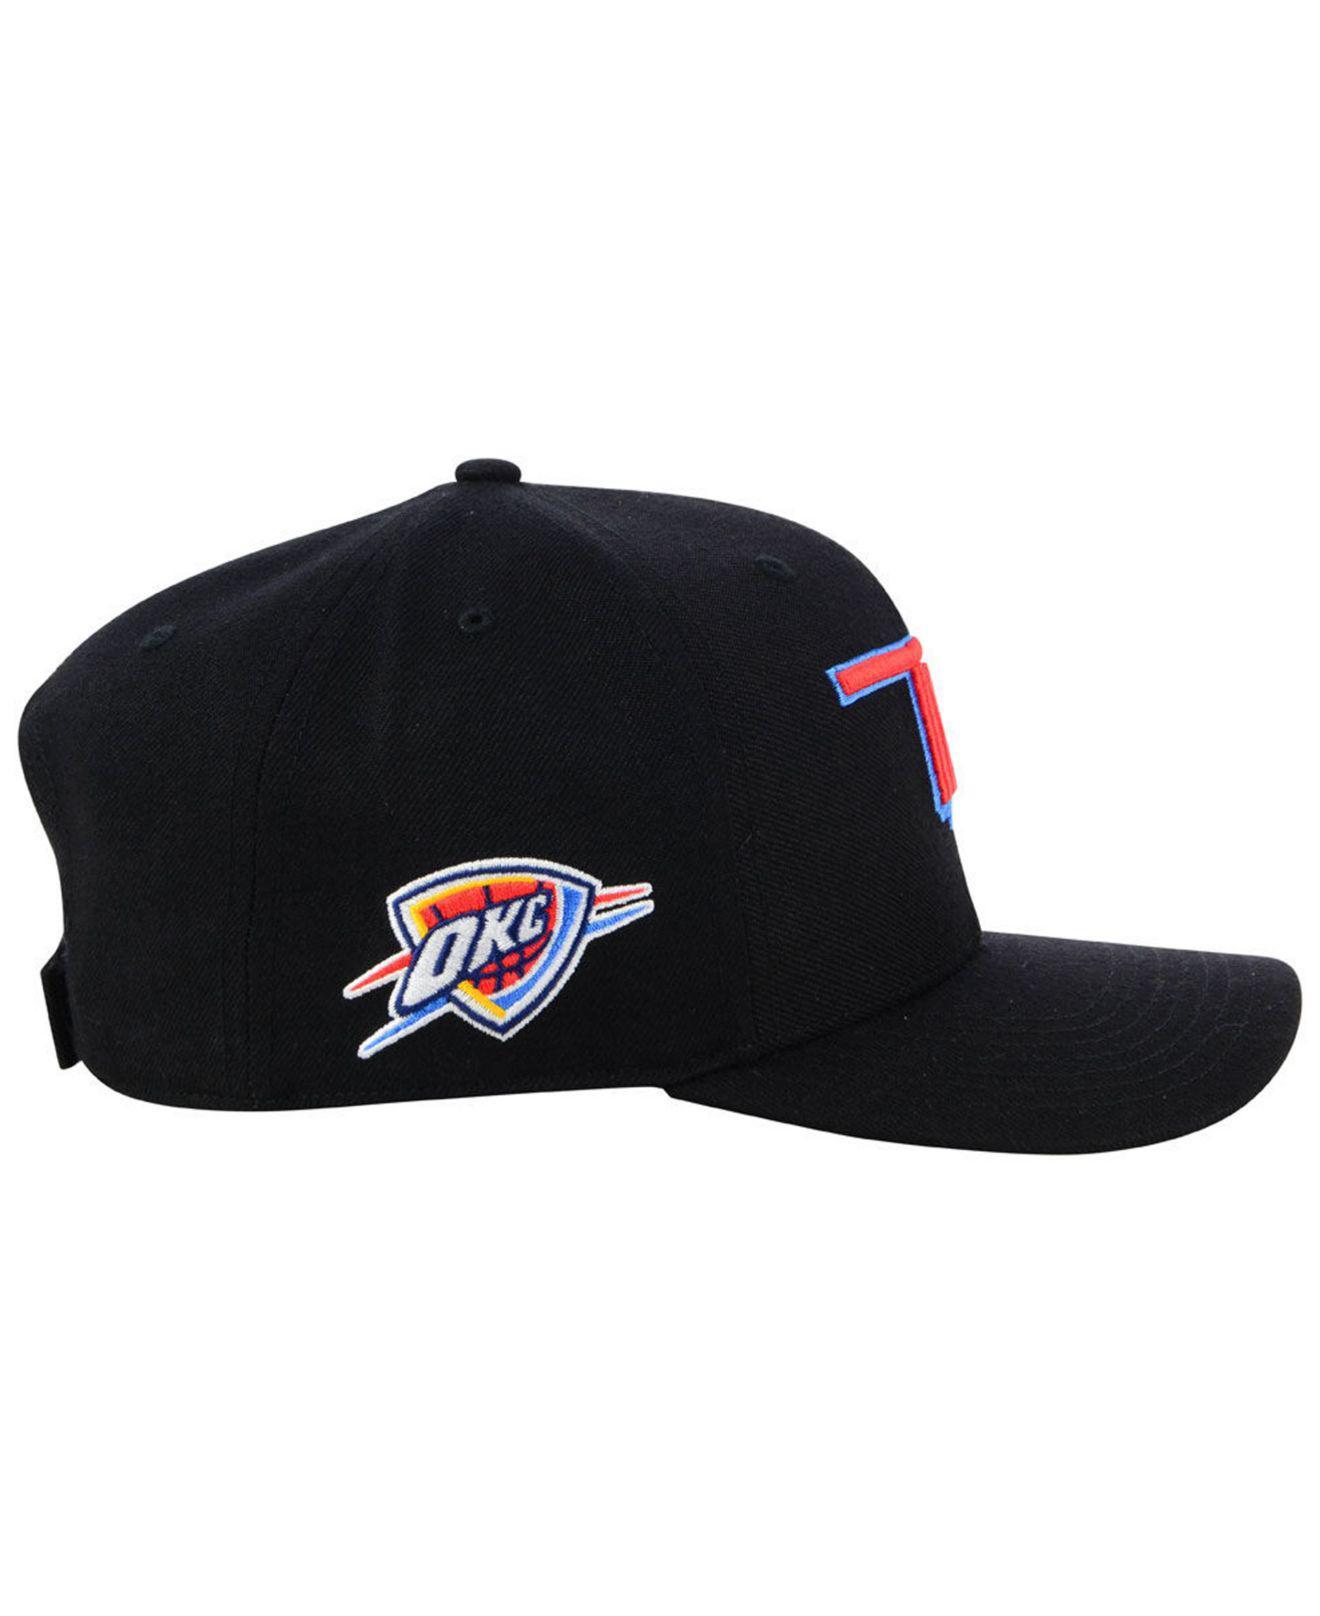 OKC Oklahoma City Thunder Hat Orange /& Black Curved Bill Adjustable hook /& loop!